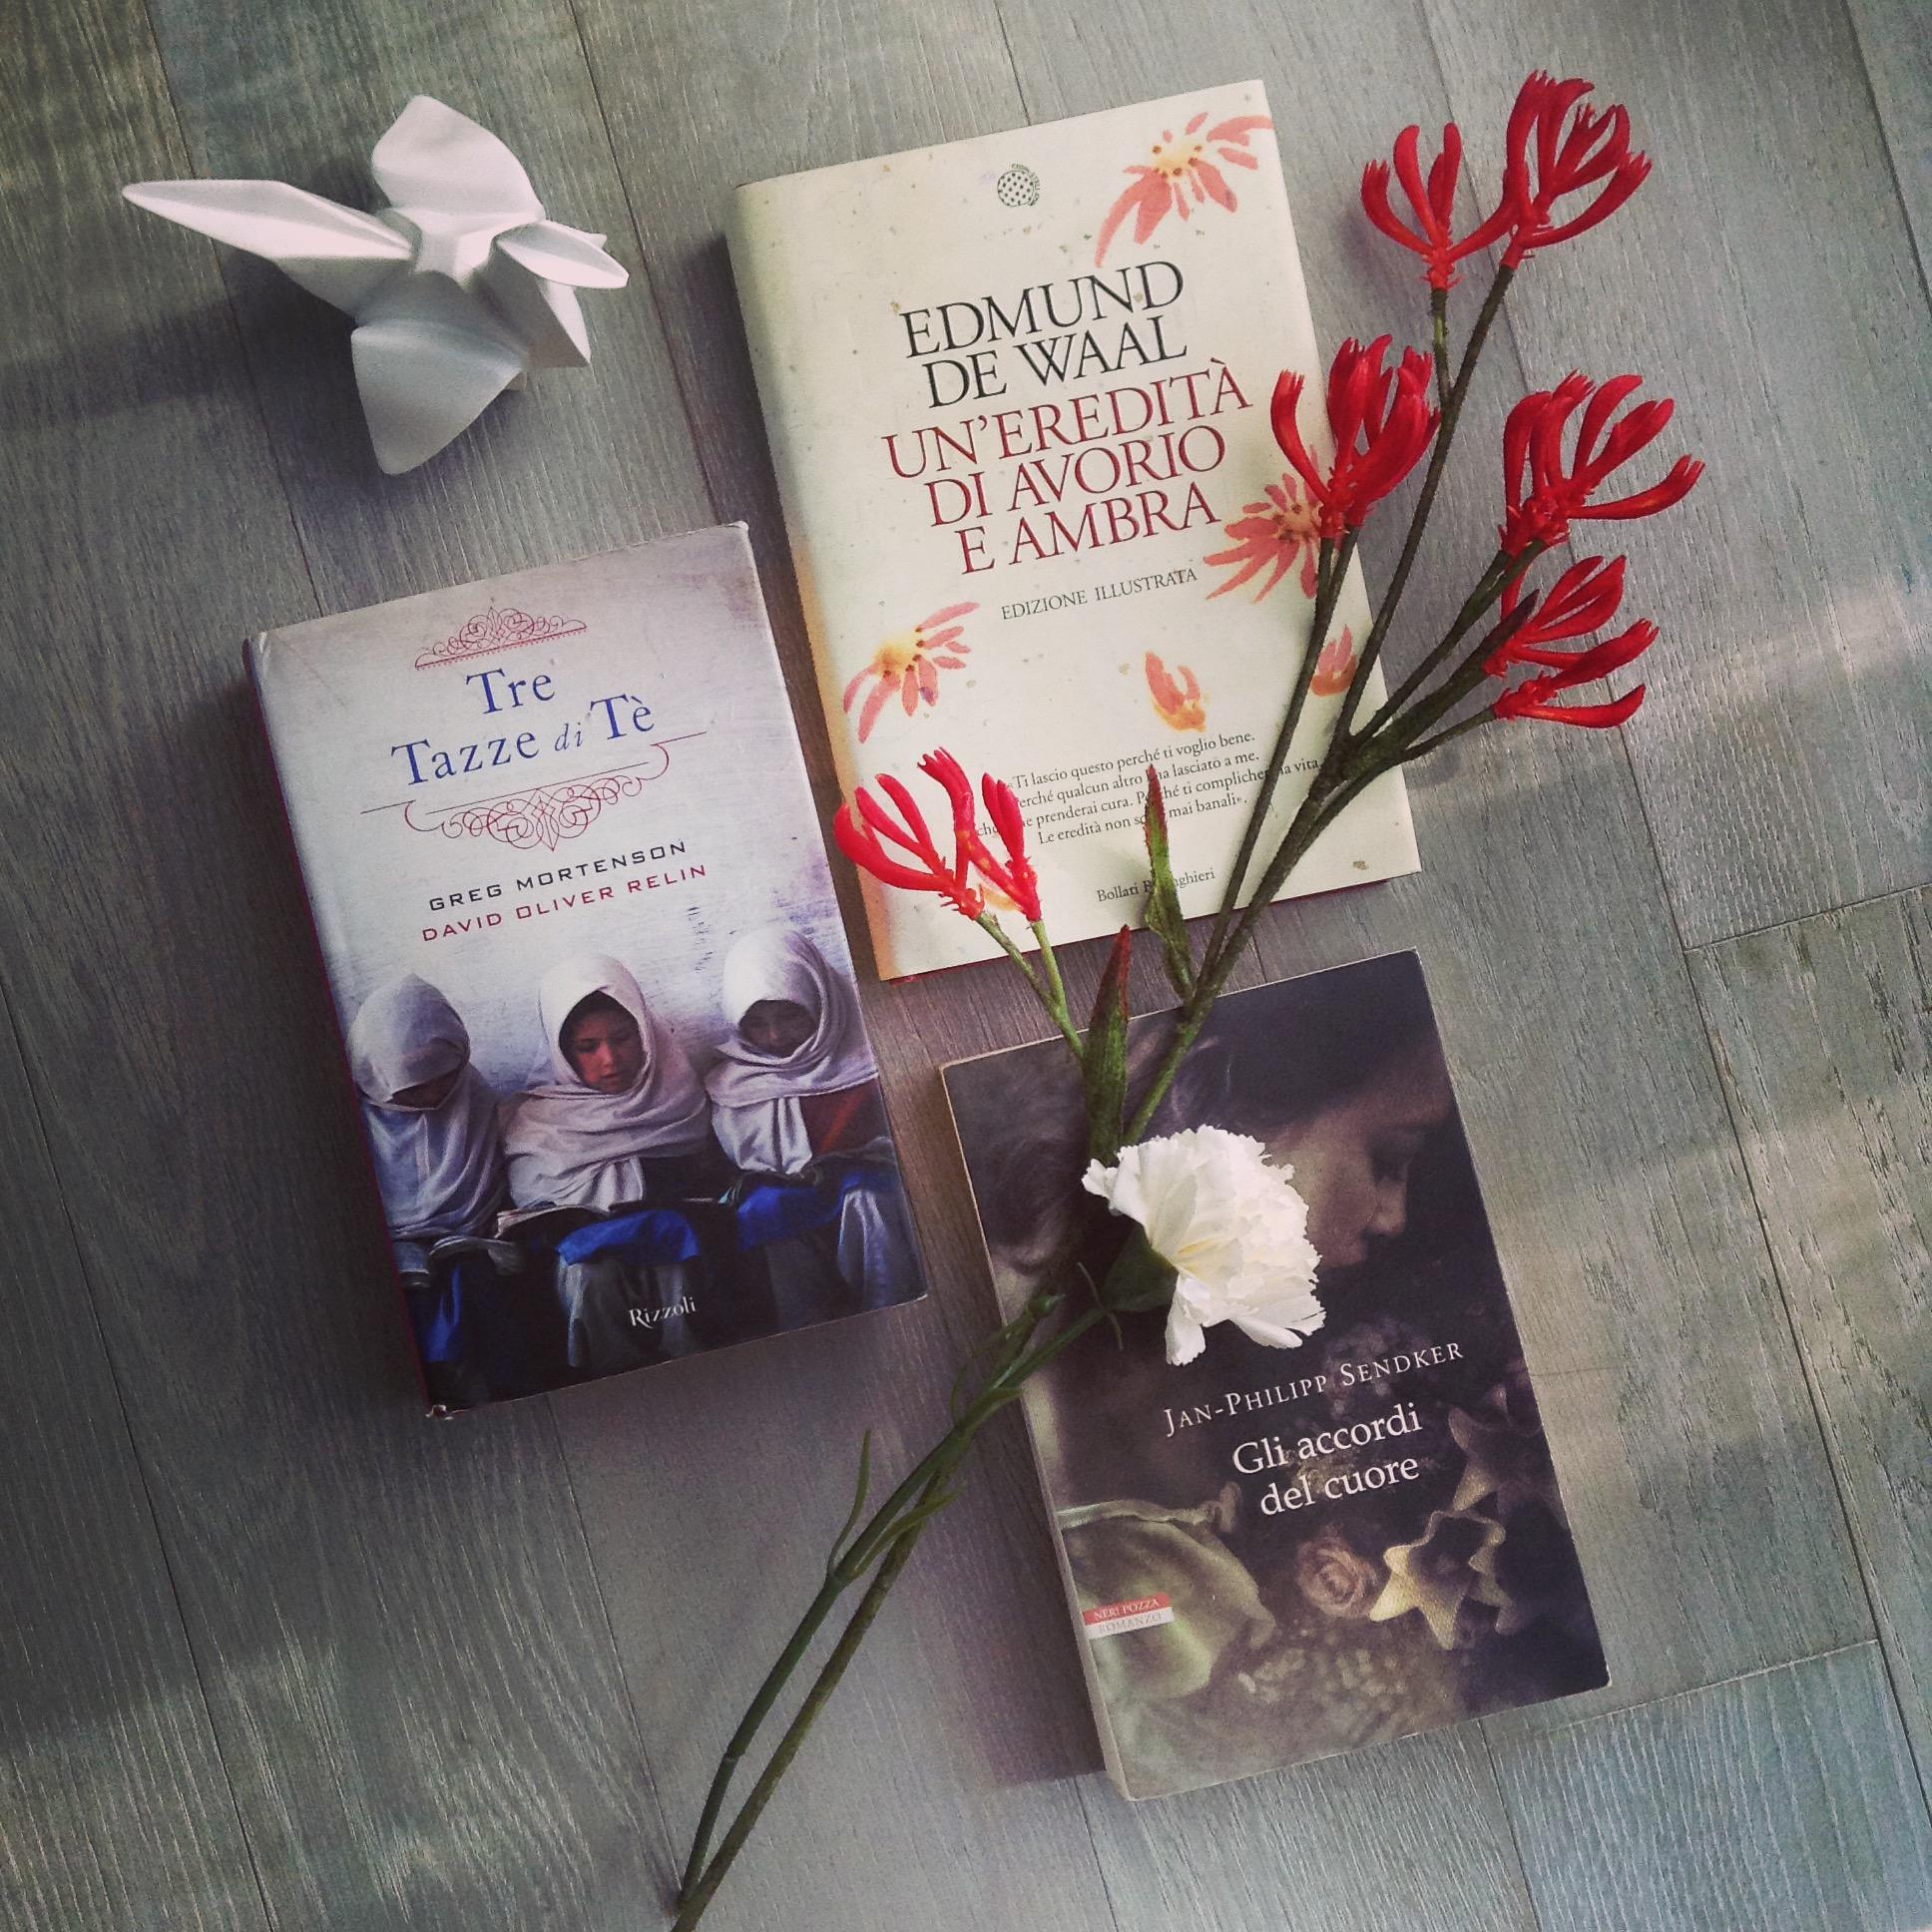 Books selection Japan Soul Traveler